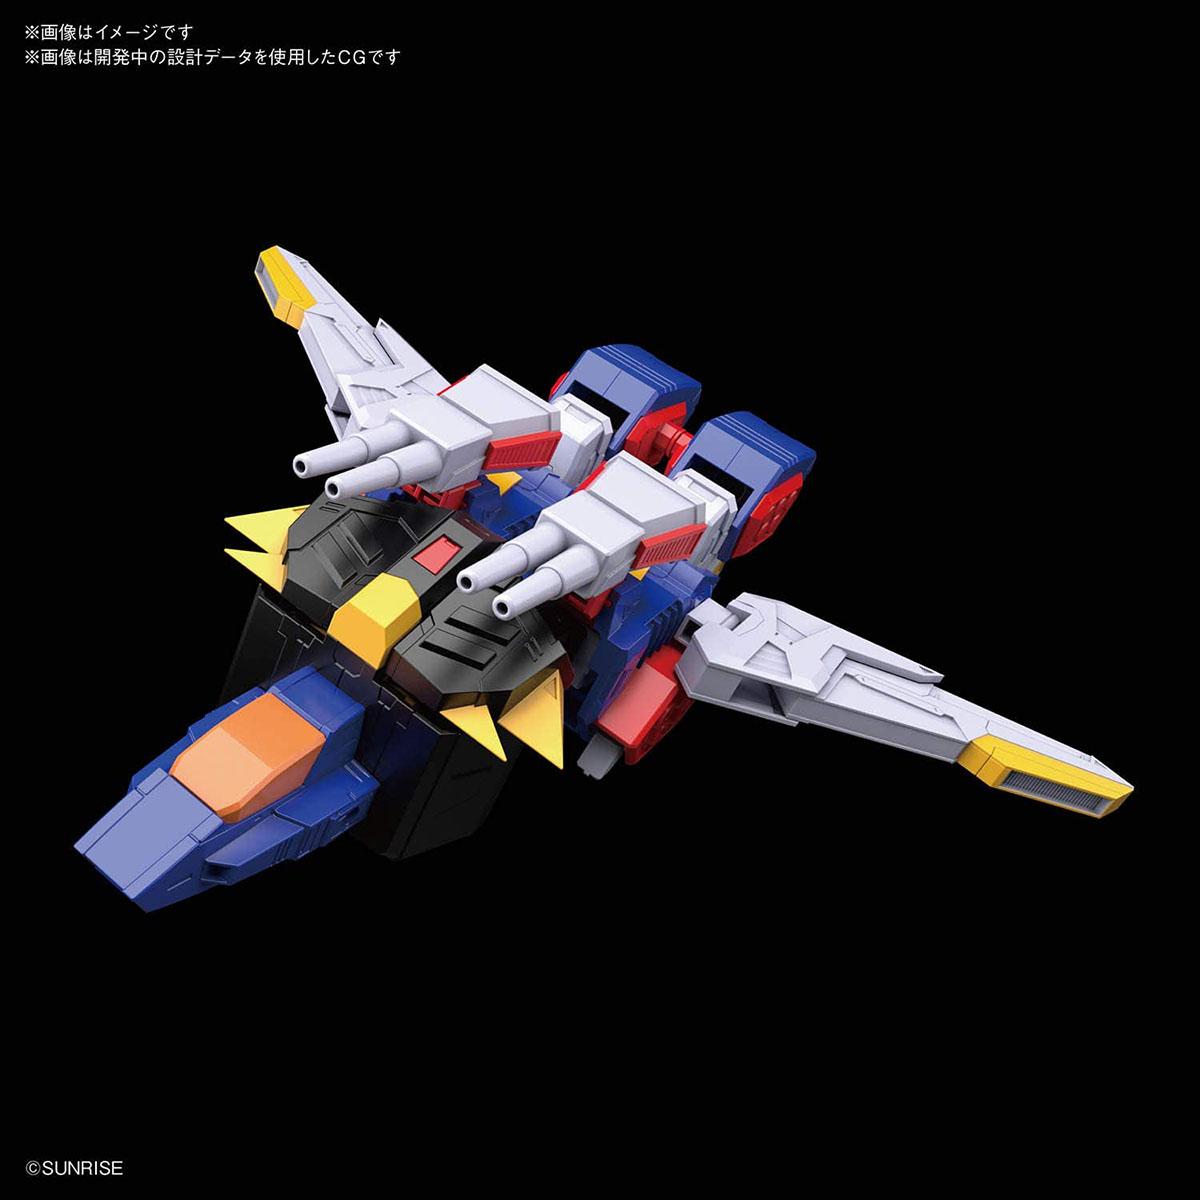 【再販】HG 1/300『グランザウラー』熱血最強ゴウザウラー プラモデル-004